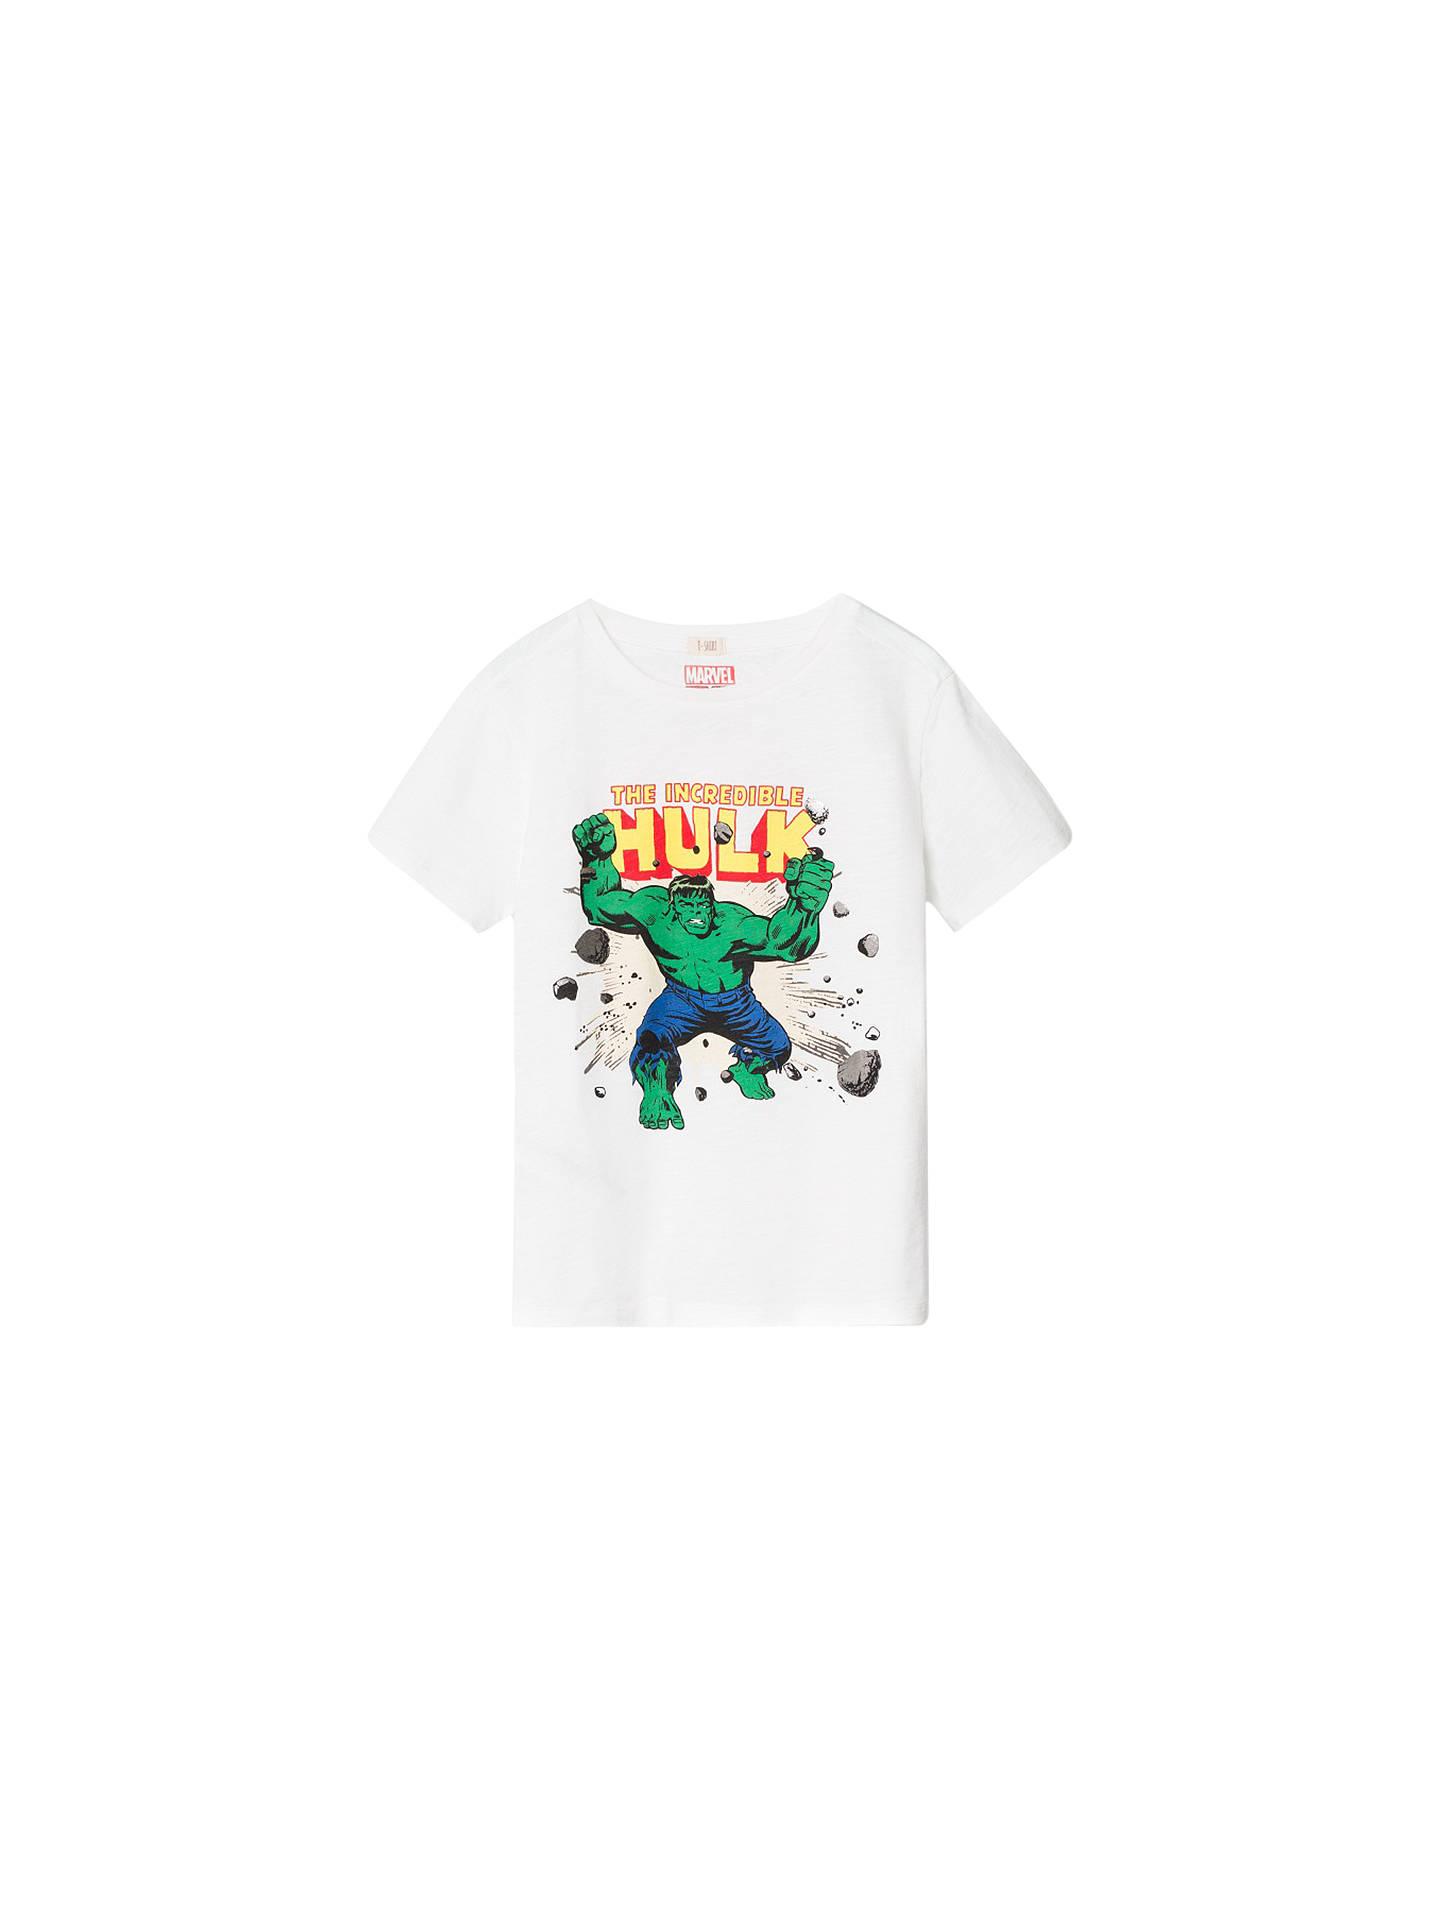 7cdc996ddc125b Mango Kids Boys' Marvel Incredible Hulk T-Shirt, White at John Lewis ...